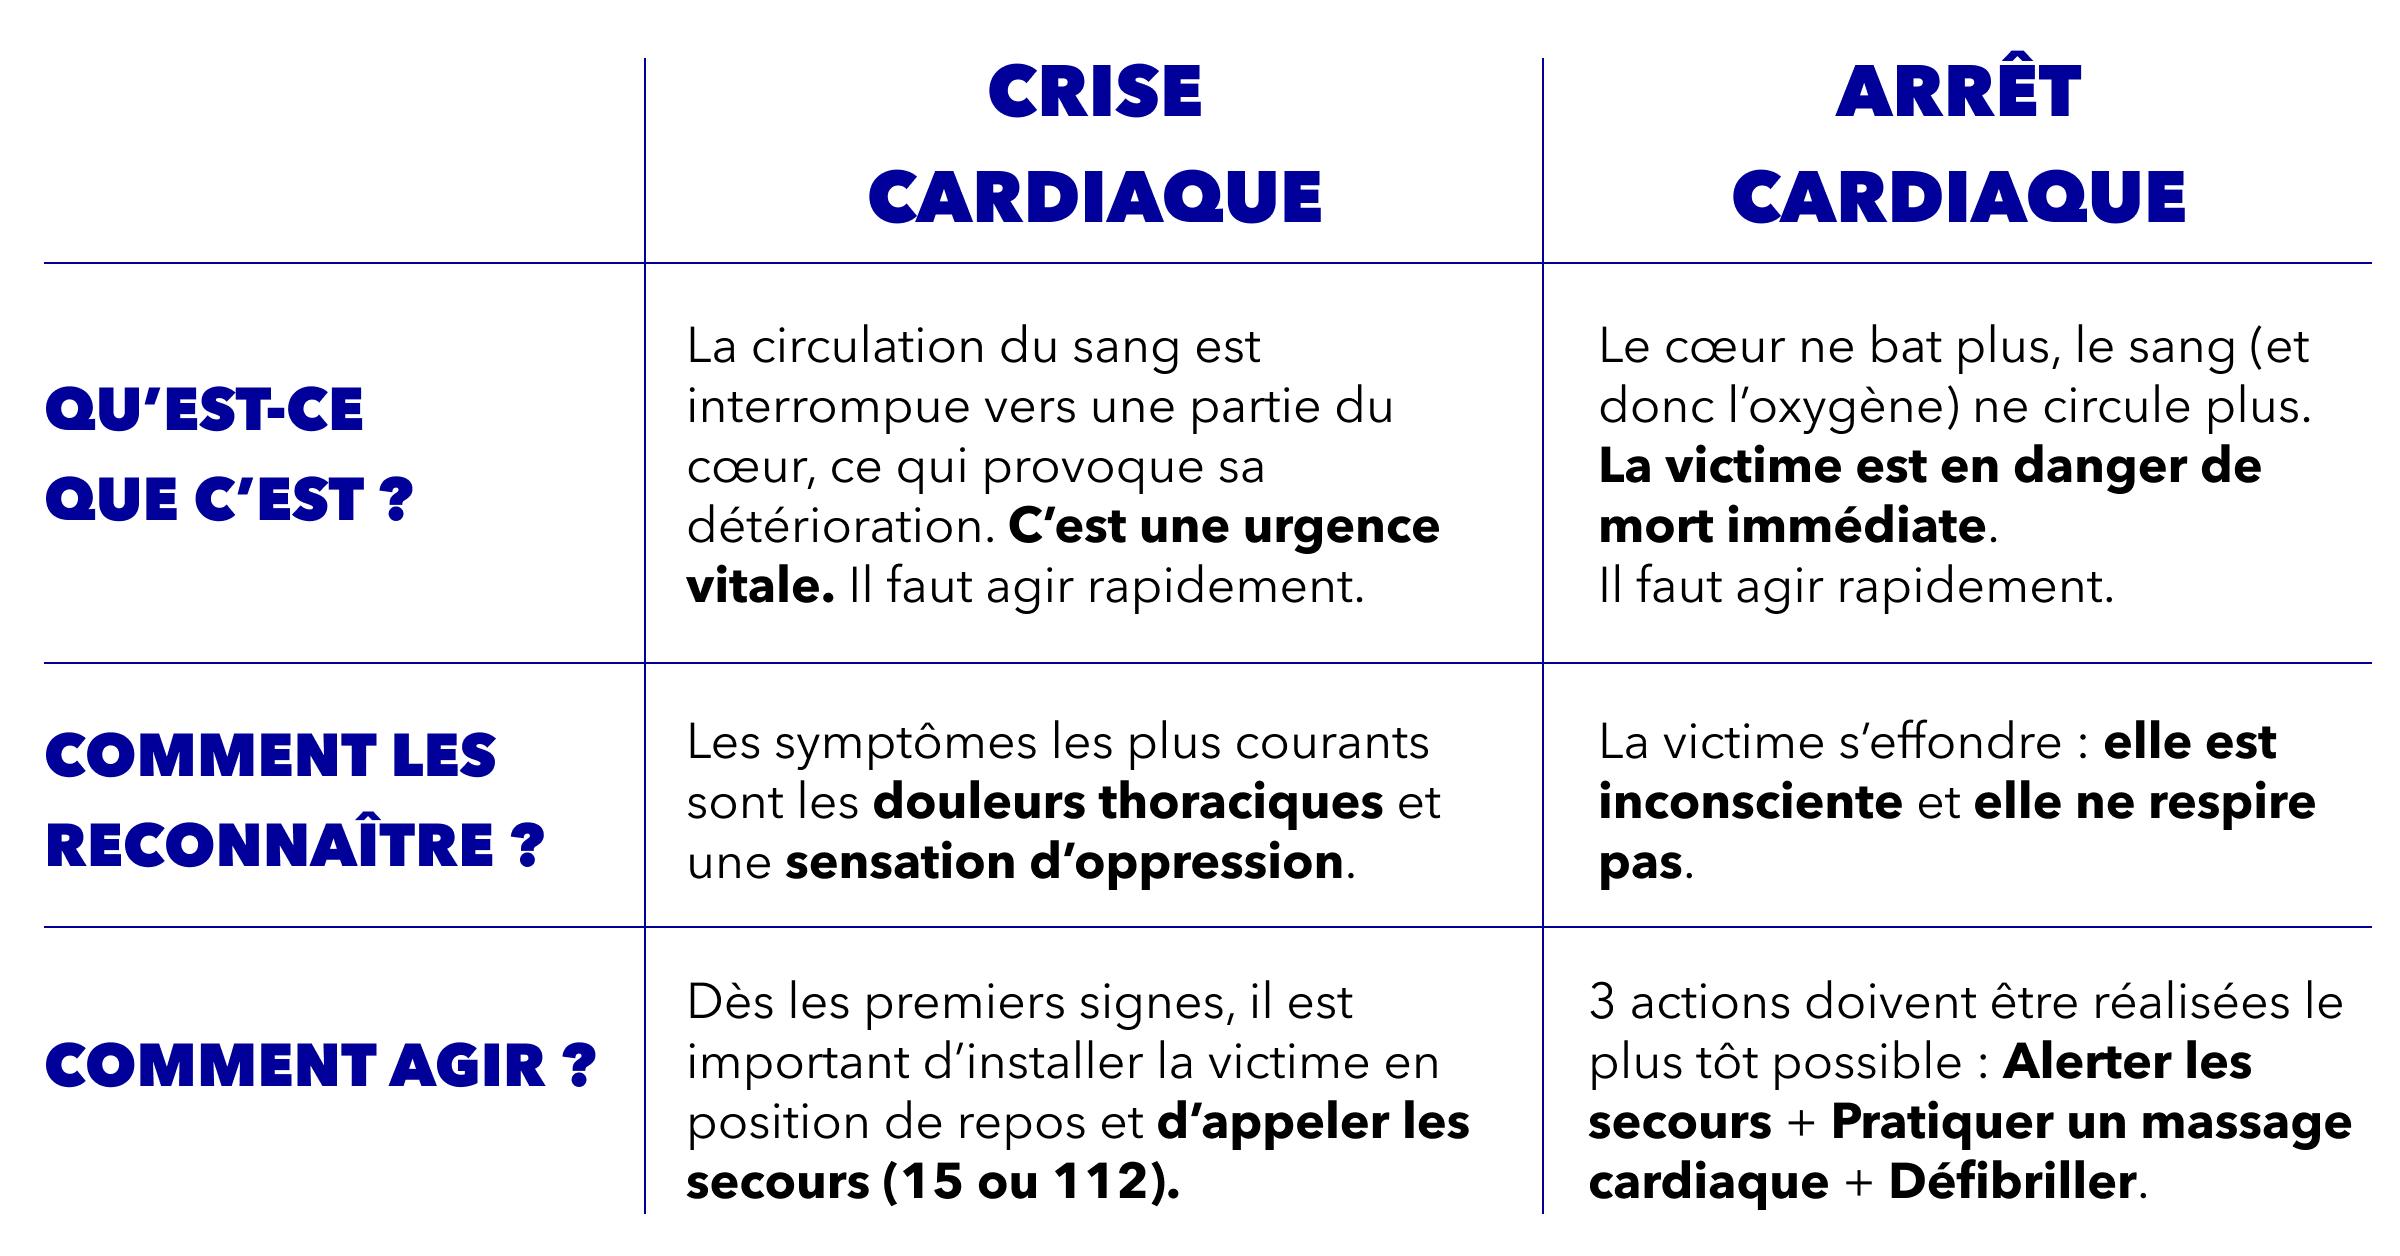 Résumé des différences crise et arrêt cardiaque